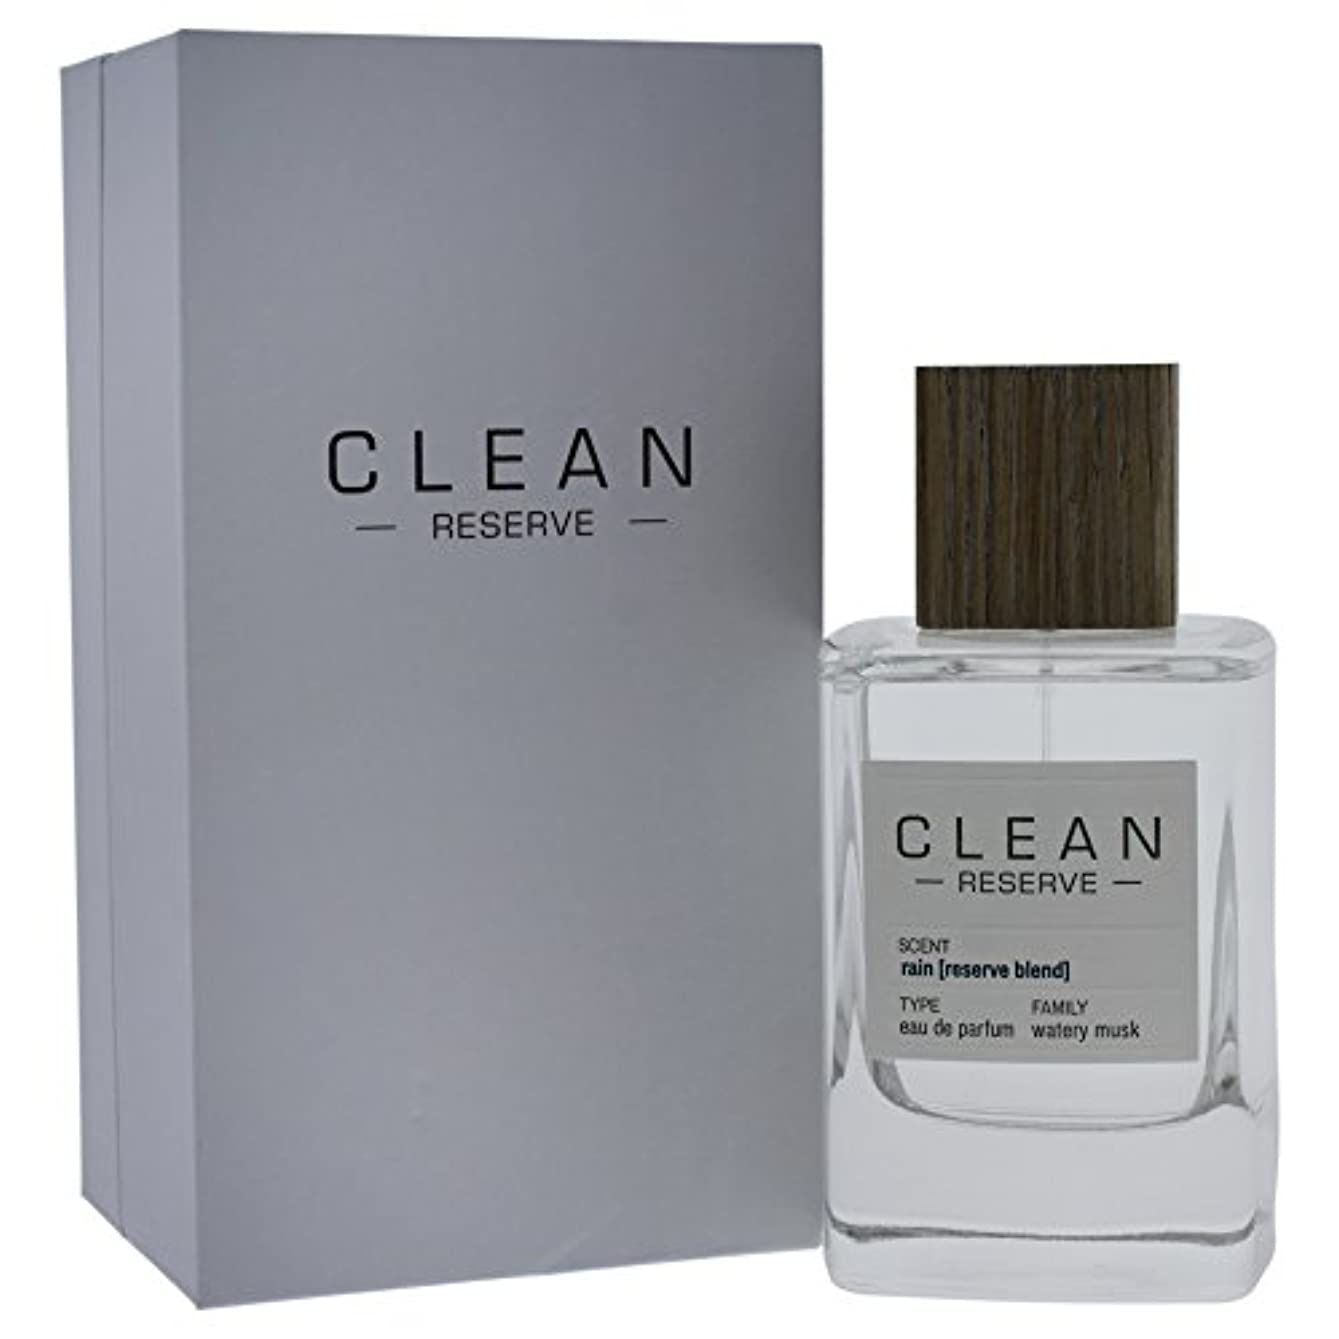 支配的火山のねじれ◆【CLEAN】Unisex香水◆クリーン リザーブ レイン オードパルファムEDP 100ml◆